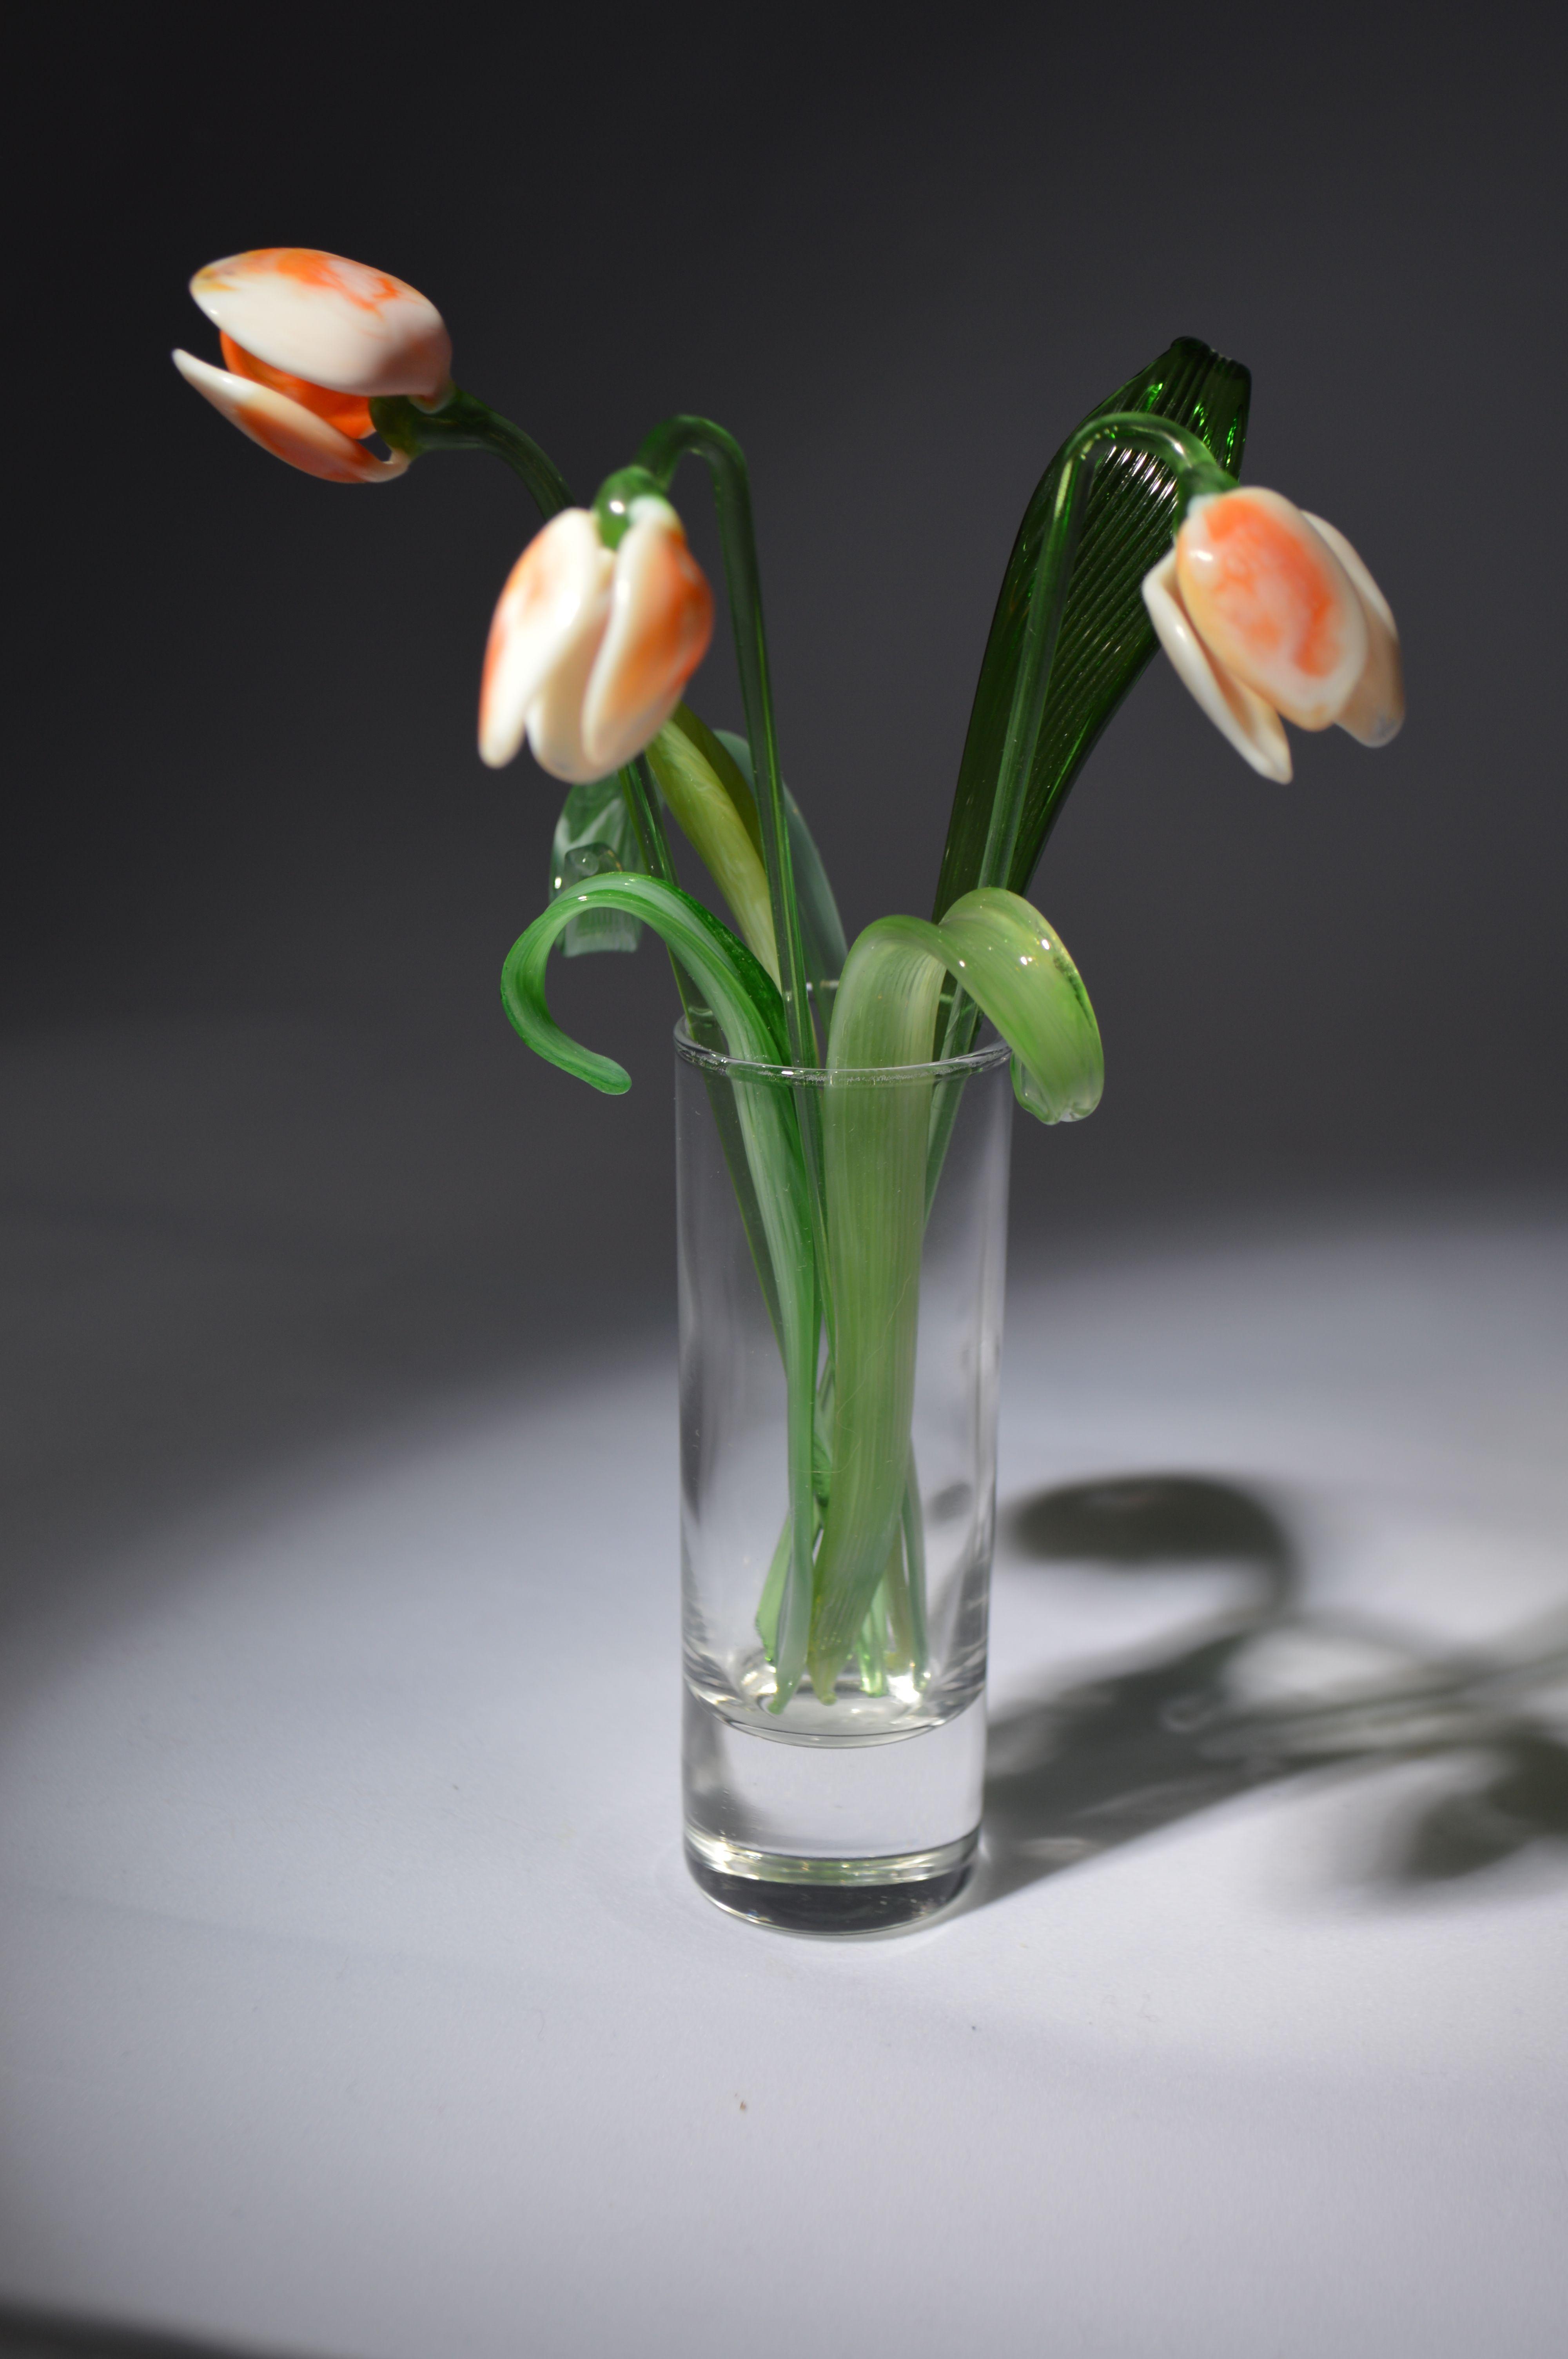 Букет 2 из трех тюльпанов в вазочке, цветное стекло от Ravta